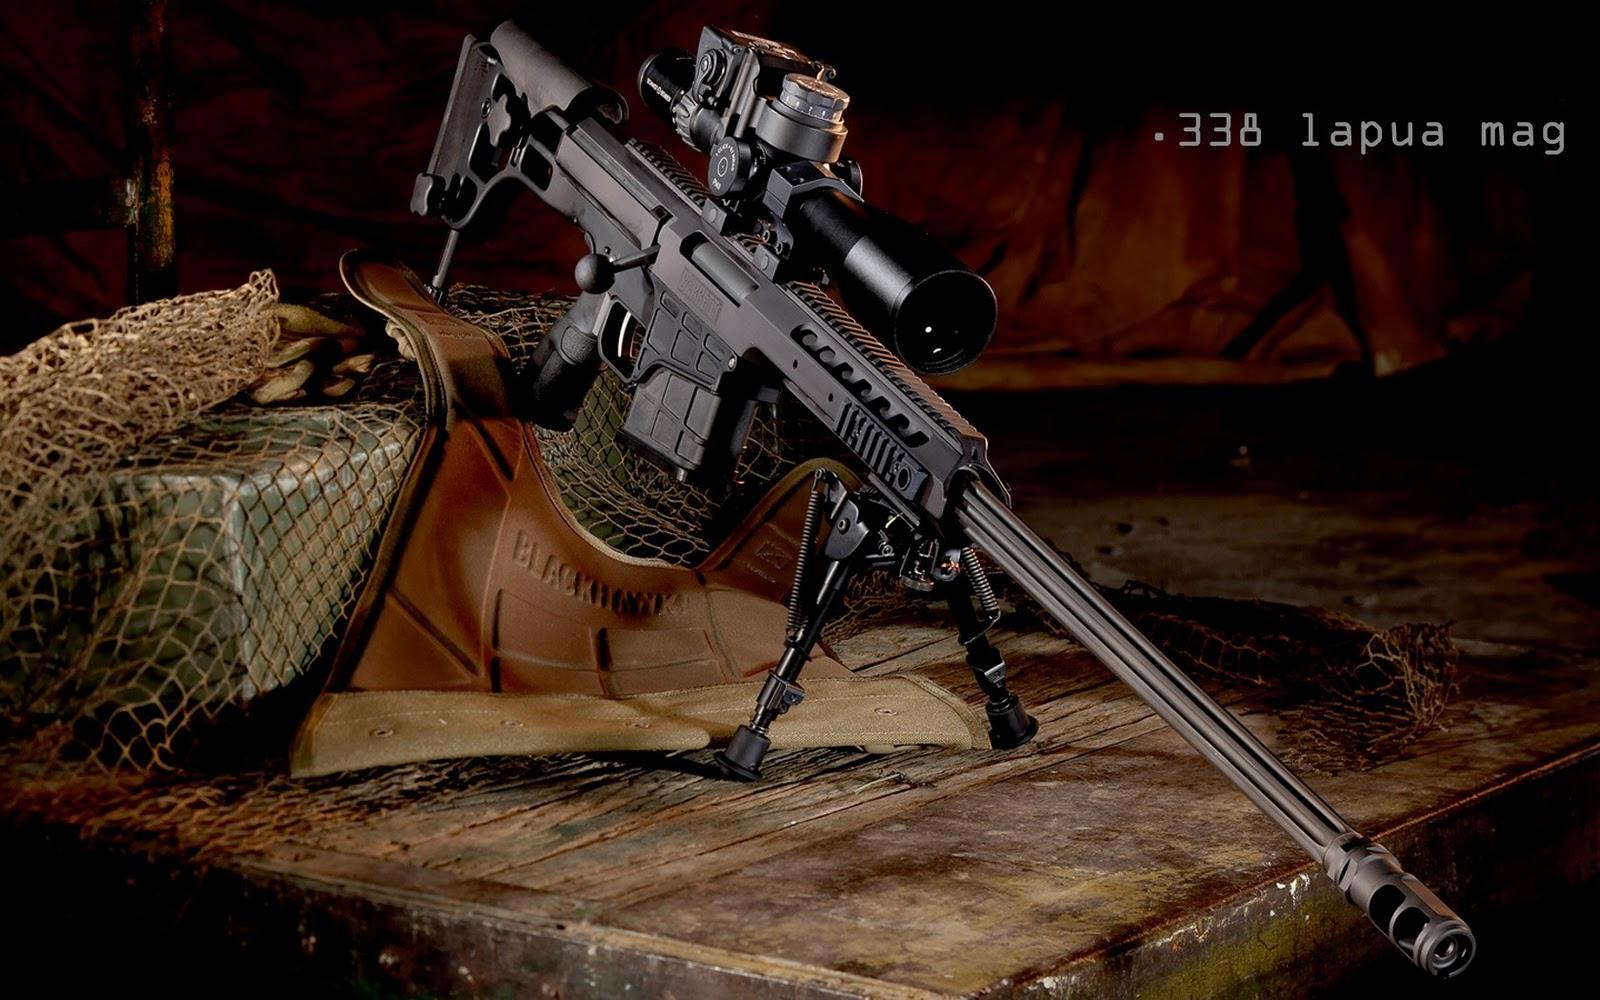 Barett 98B Lapua HD Sniper Wallpapers ~ Military WallBase